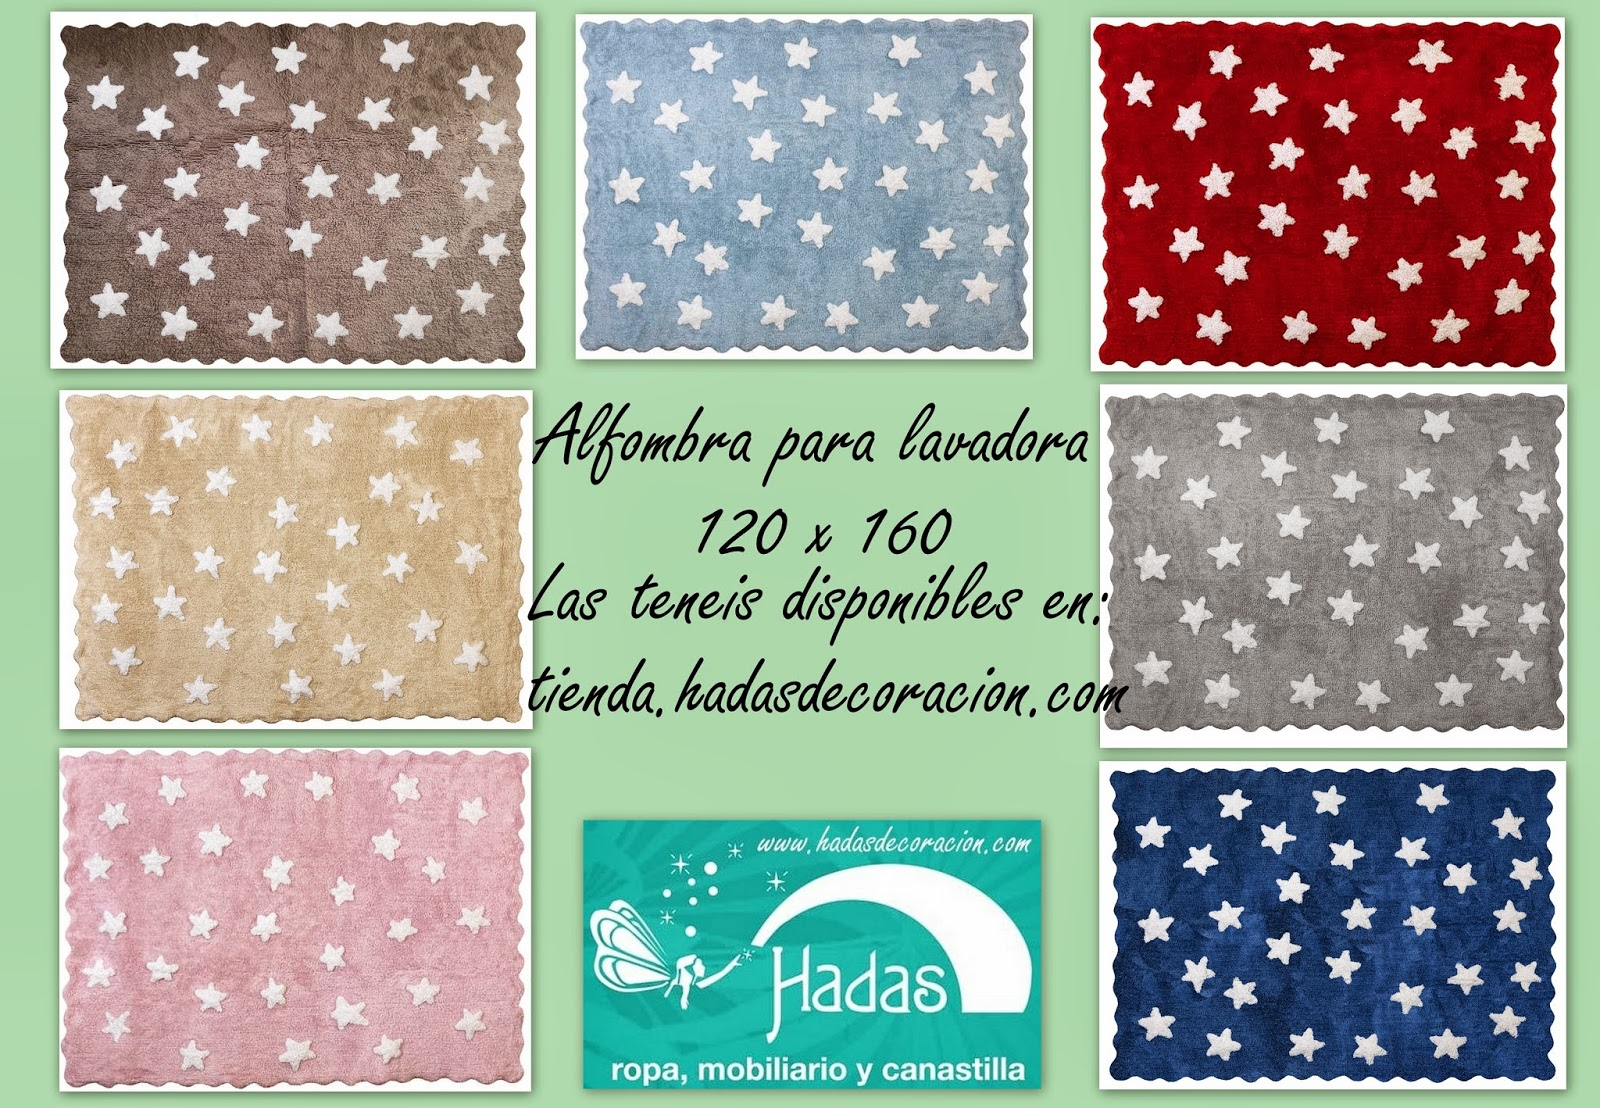 Hadas moda y decoracion infantil alfombra para lavadora eden for Alfombras infantiles